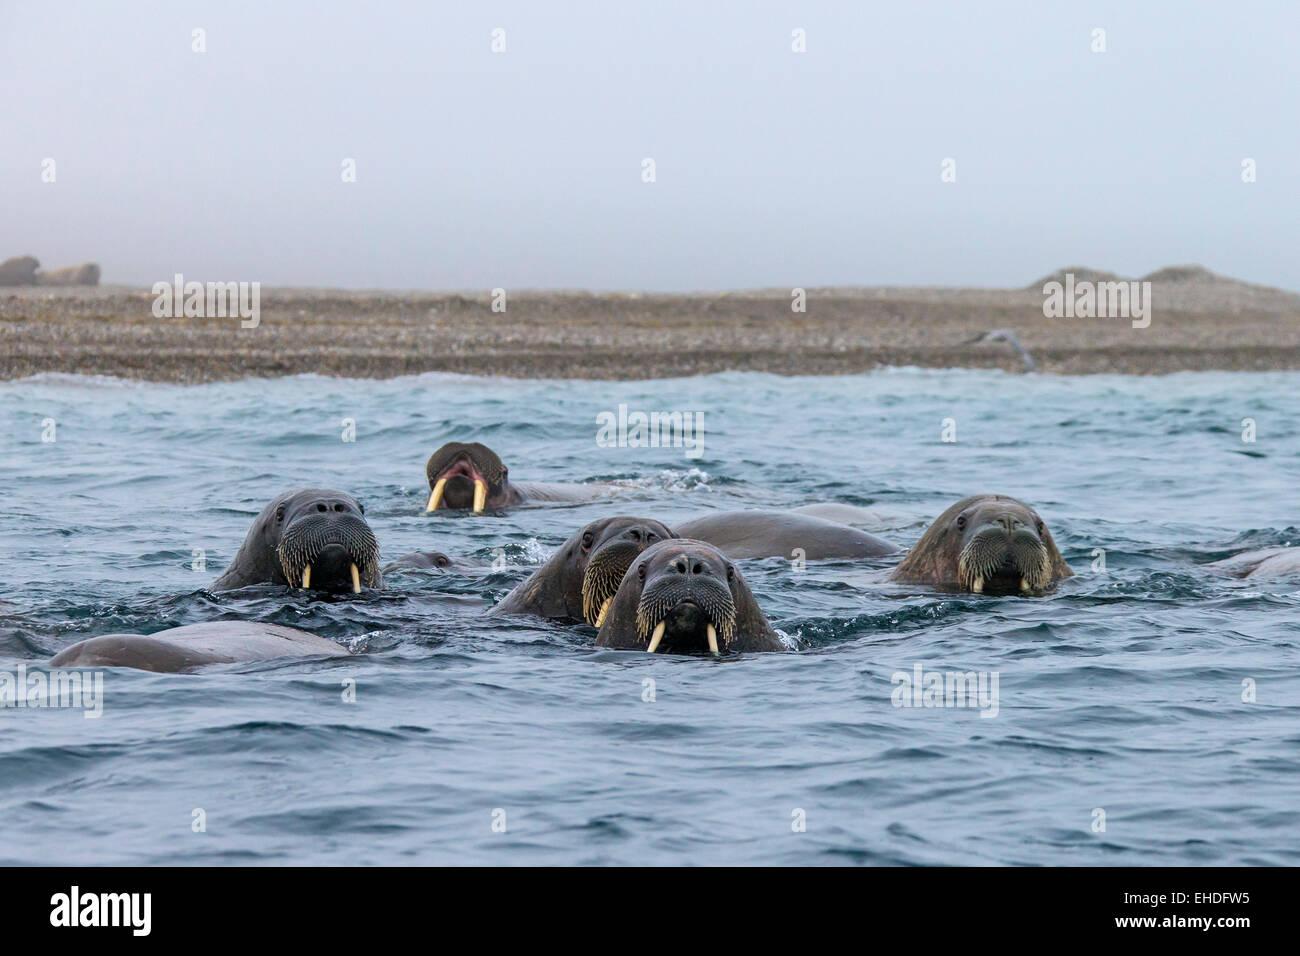 Gruppe von Walrosse (Odobenus Rosmarus) Schwimmen im arktischen Meer, Spitzbergen, Norwegen Stockfoto